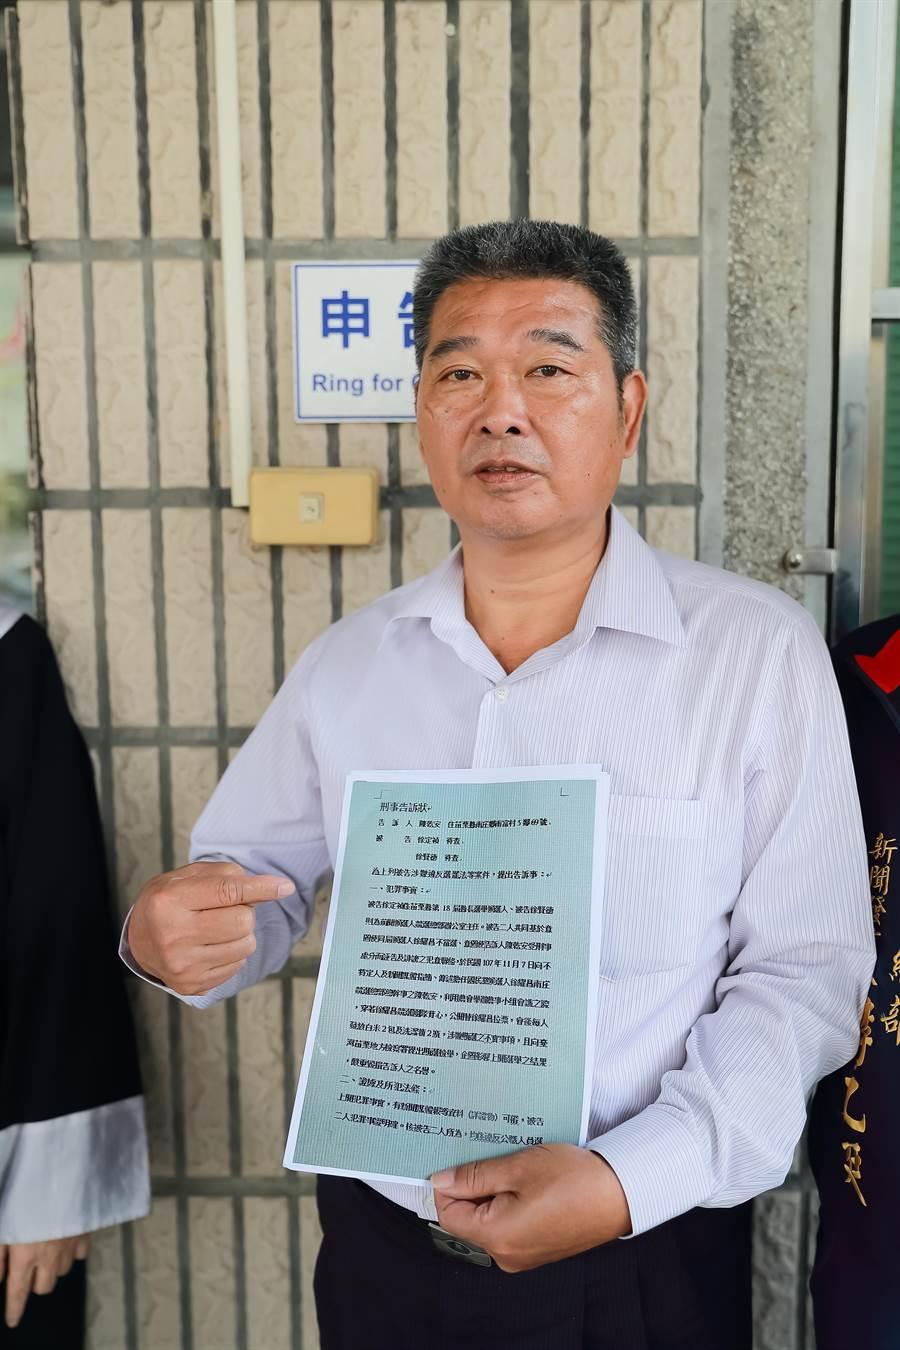 南庄農會總幹事陳乾安指出,徐定禎陣營誤導選民,嚴重傷害南庄農會與會員名譽,選在8日按鈴申告。(何冠嫻翻攝)